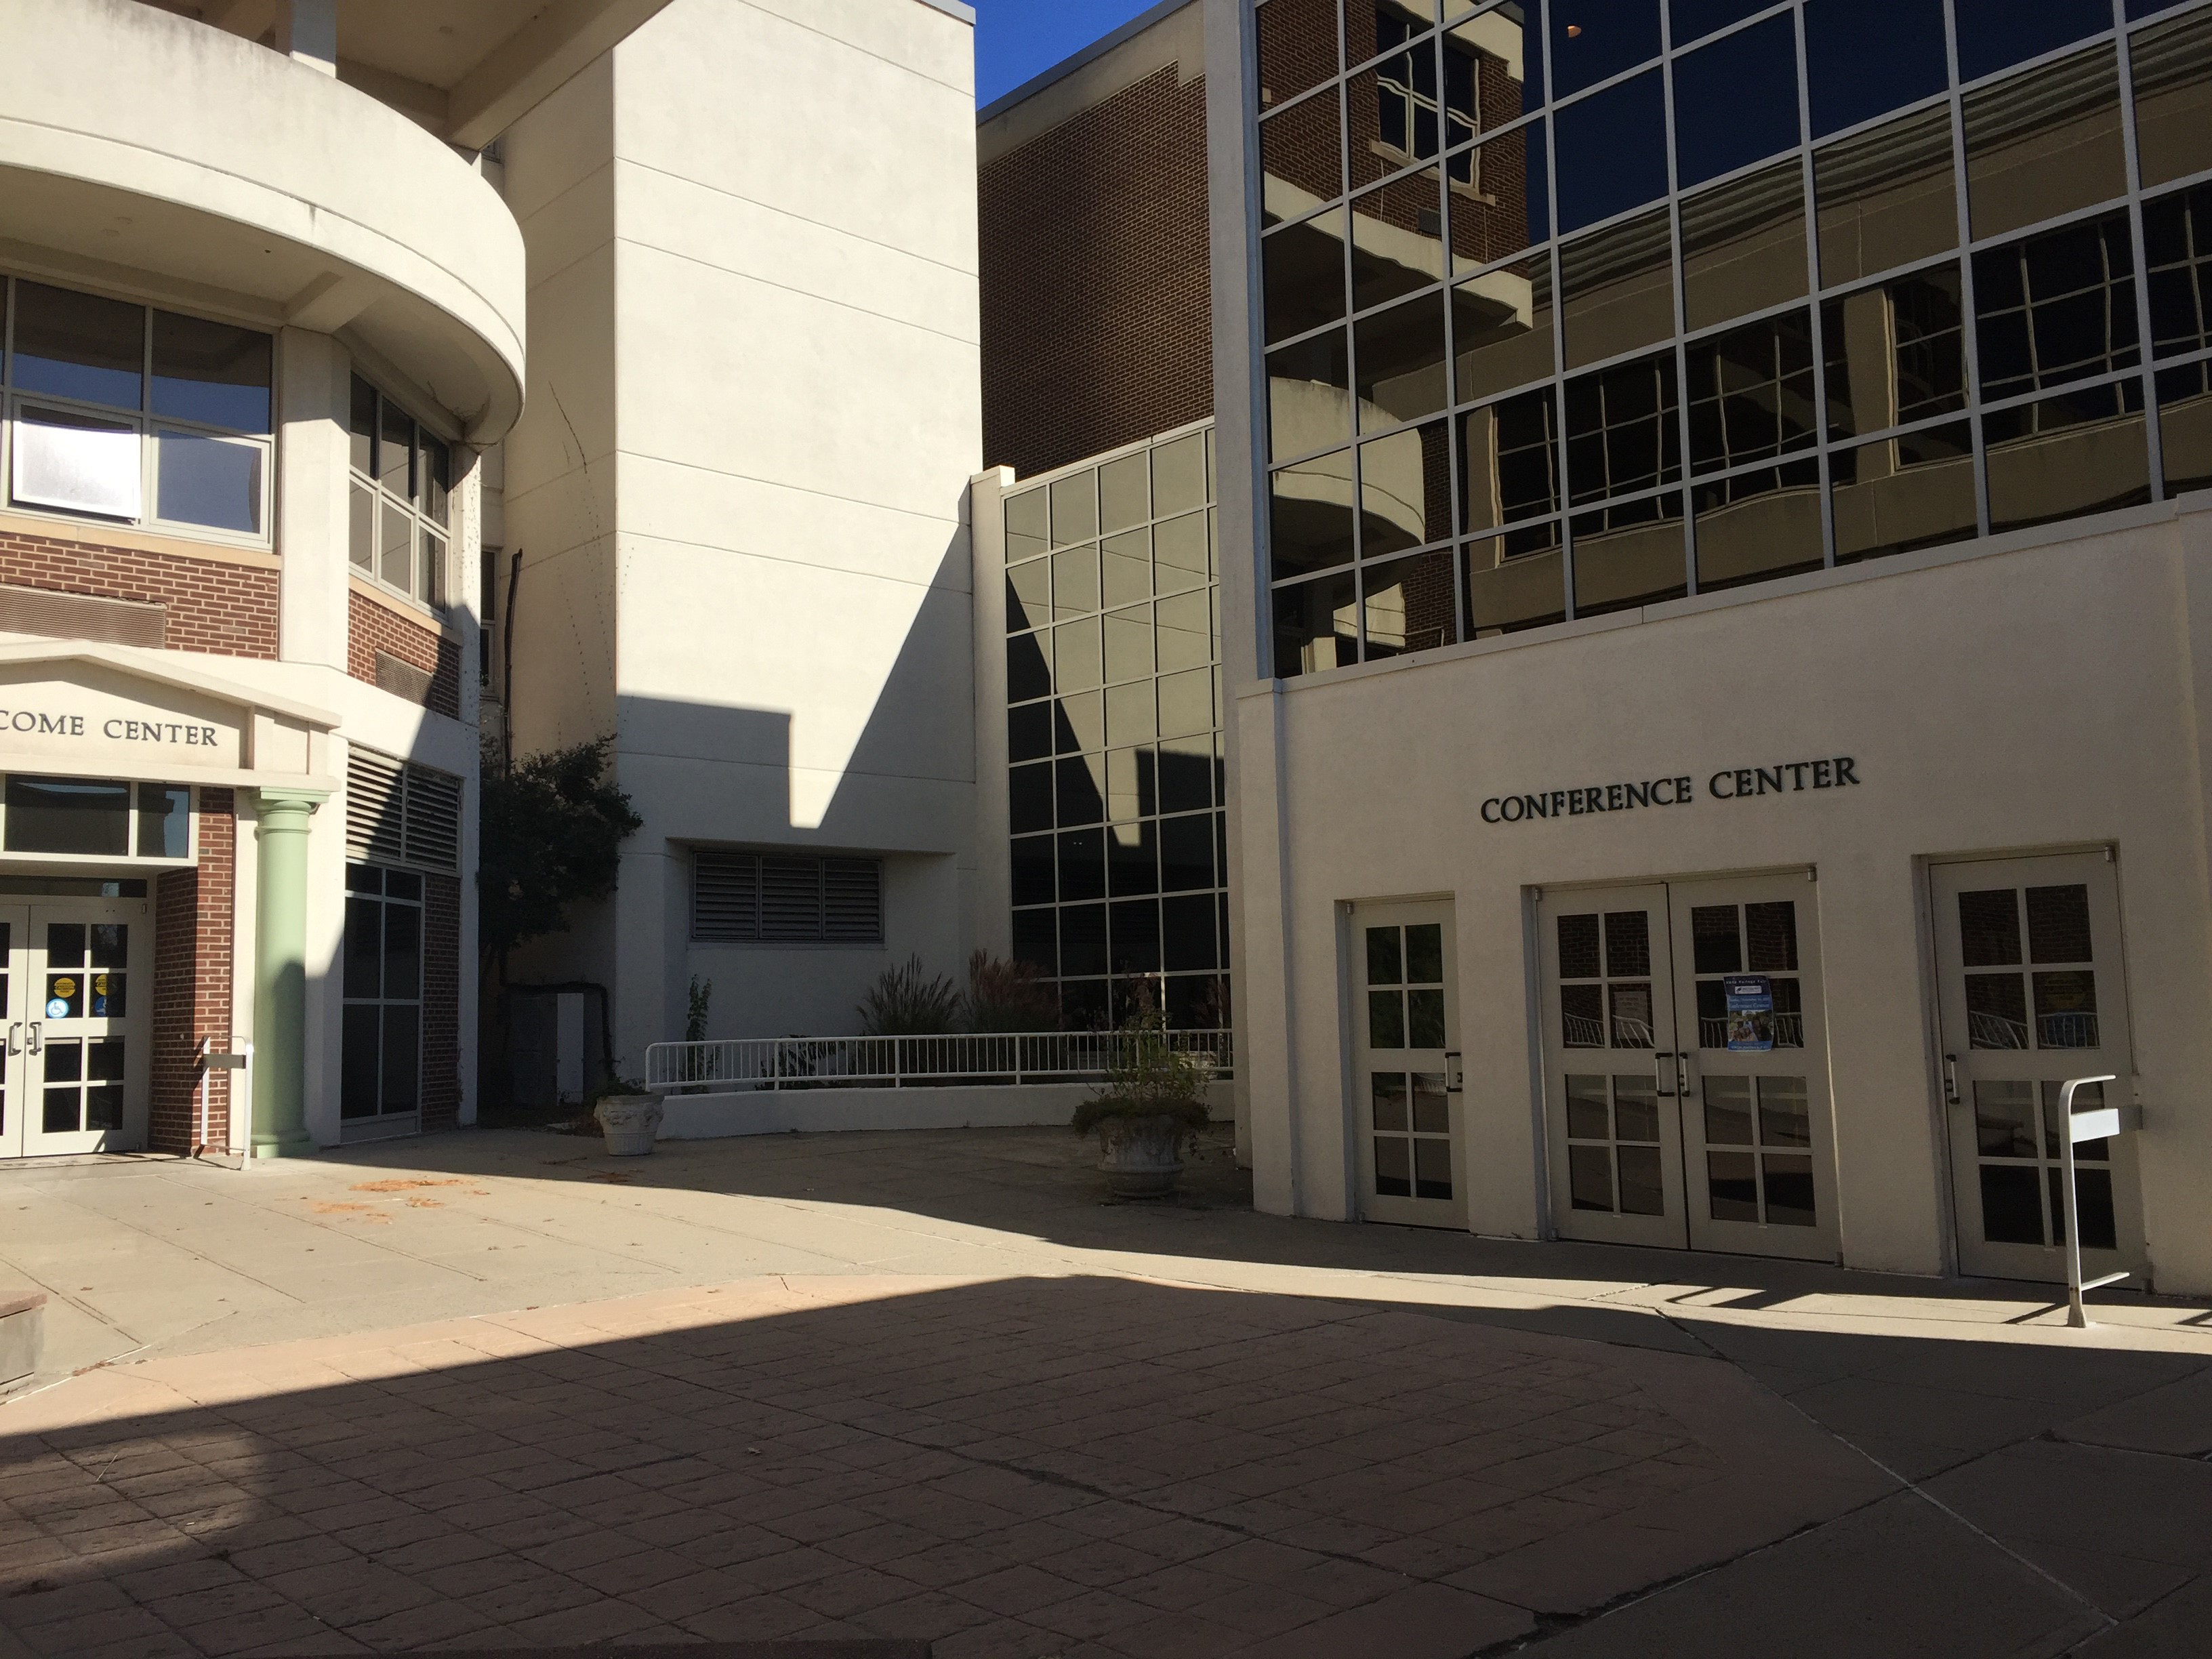 RVCC Conference Center